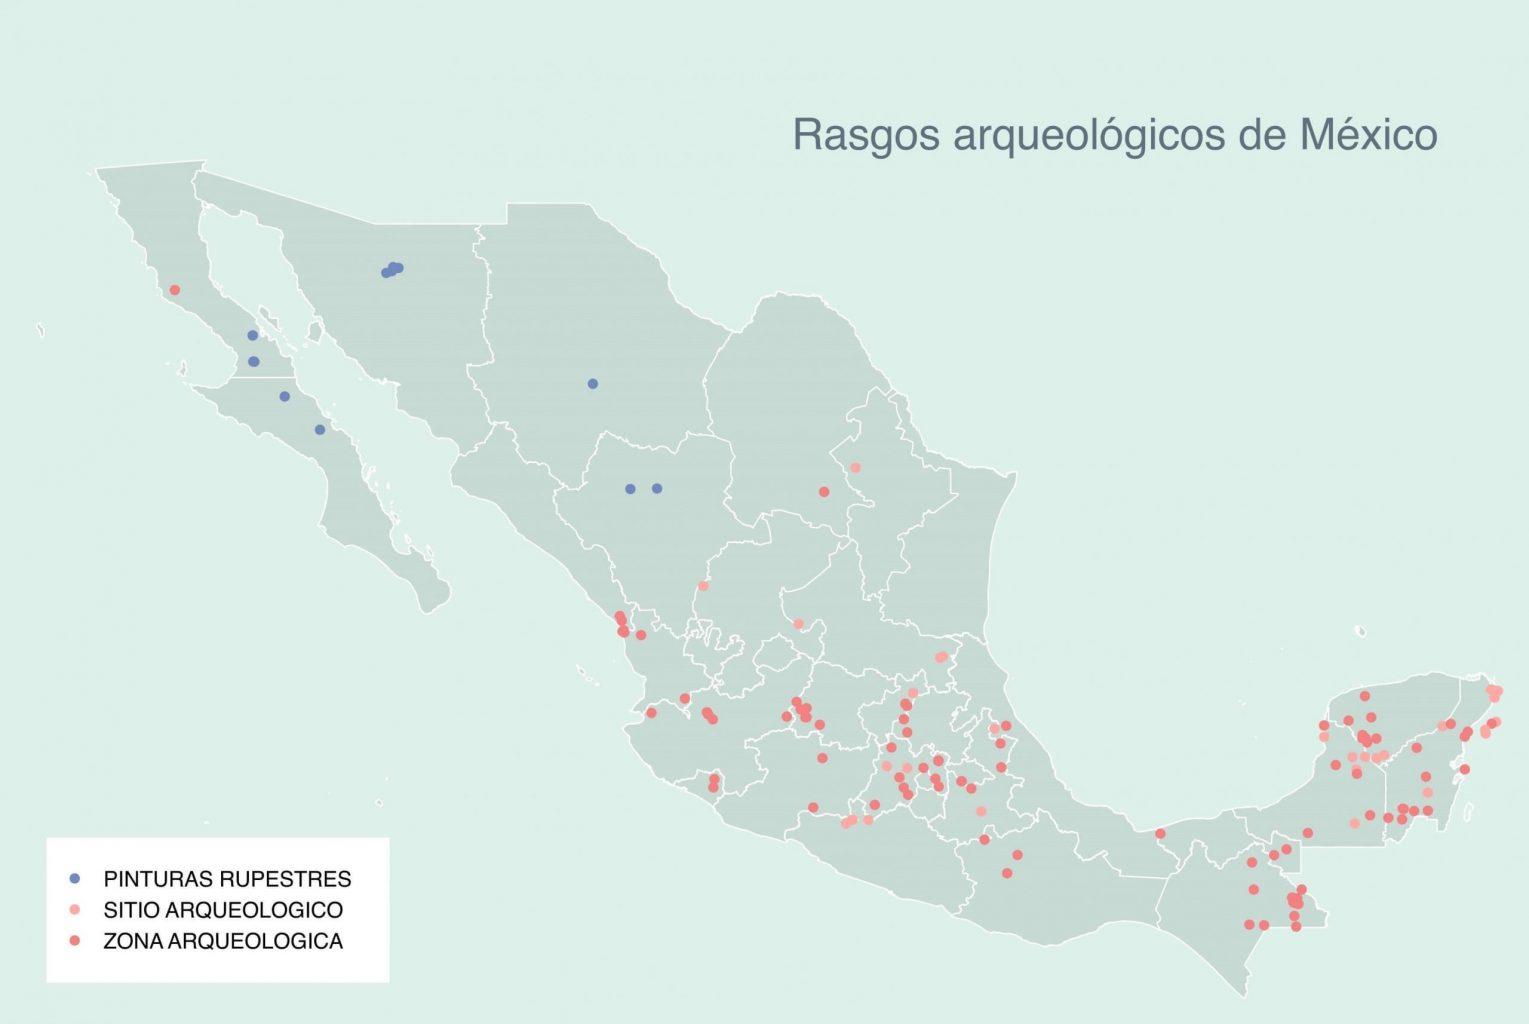 En el 30daymapchallenge se puede encontrar mapas tales como los que marcan las zonas arqueológicas de México